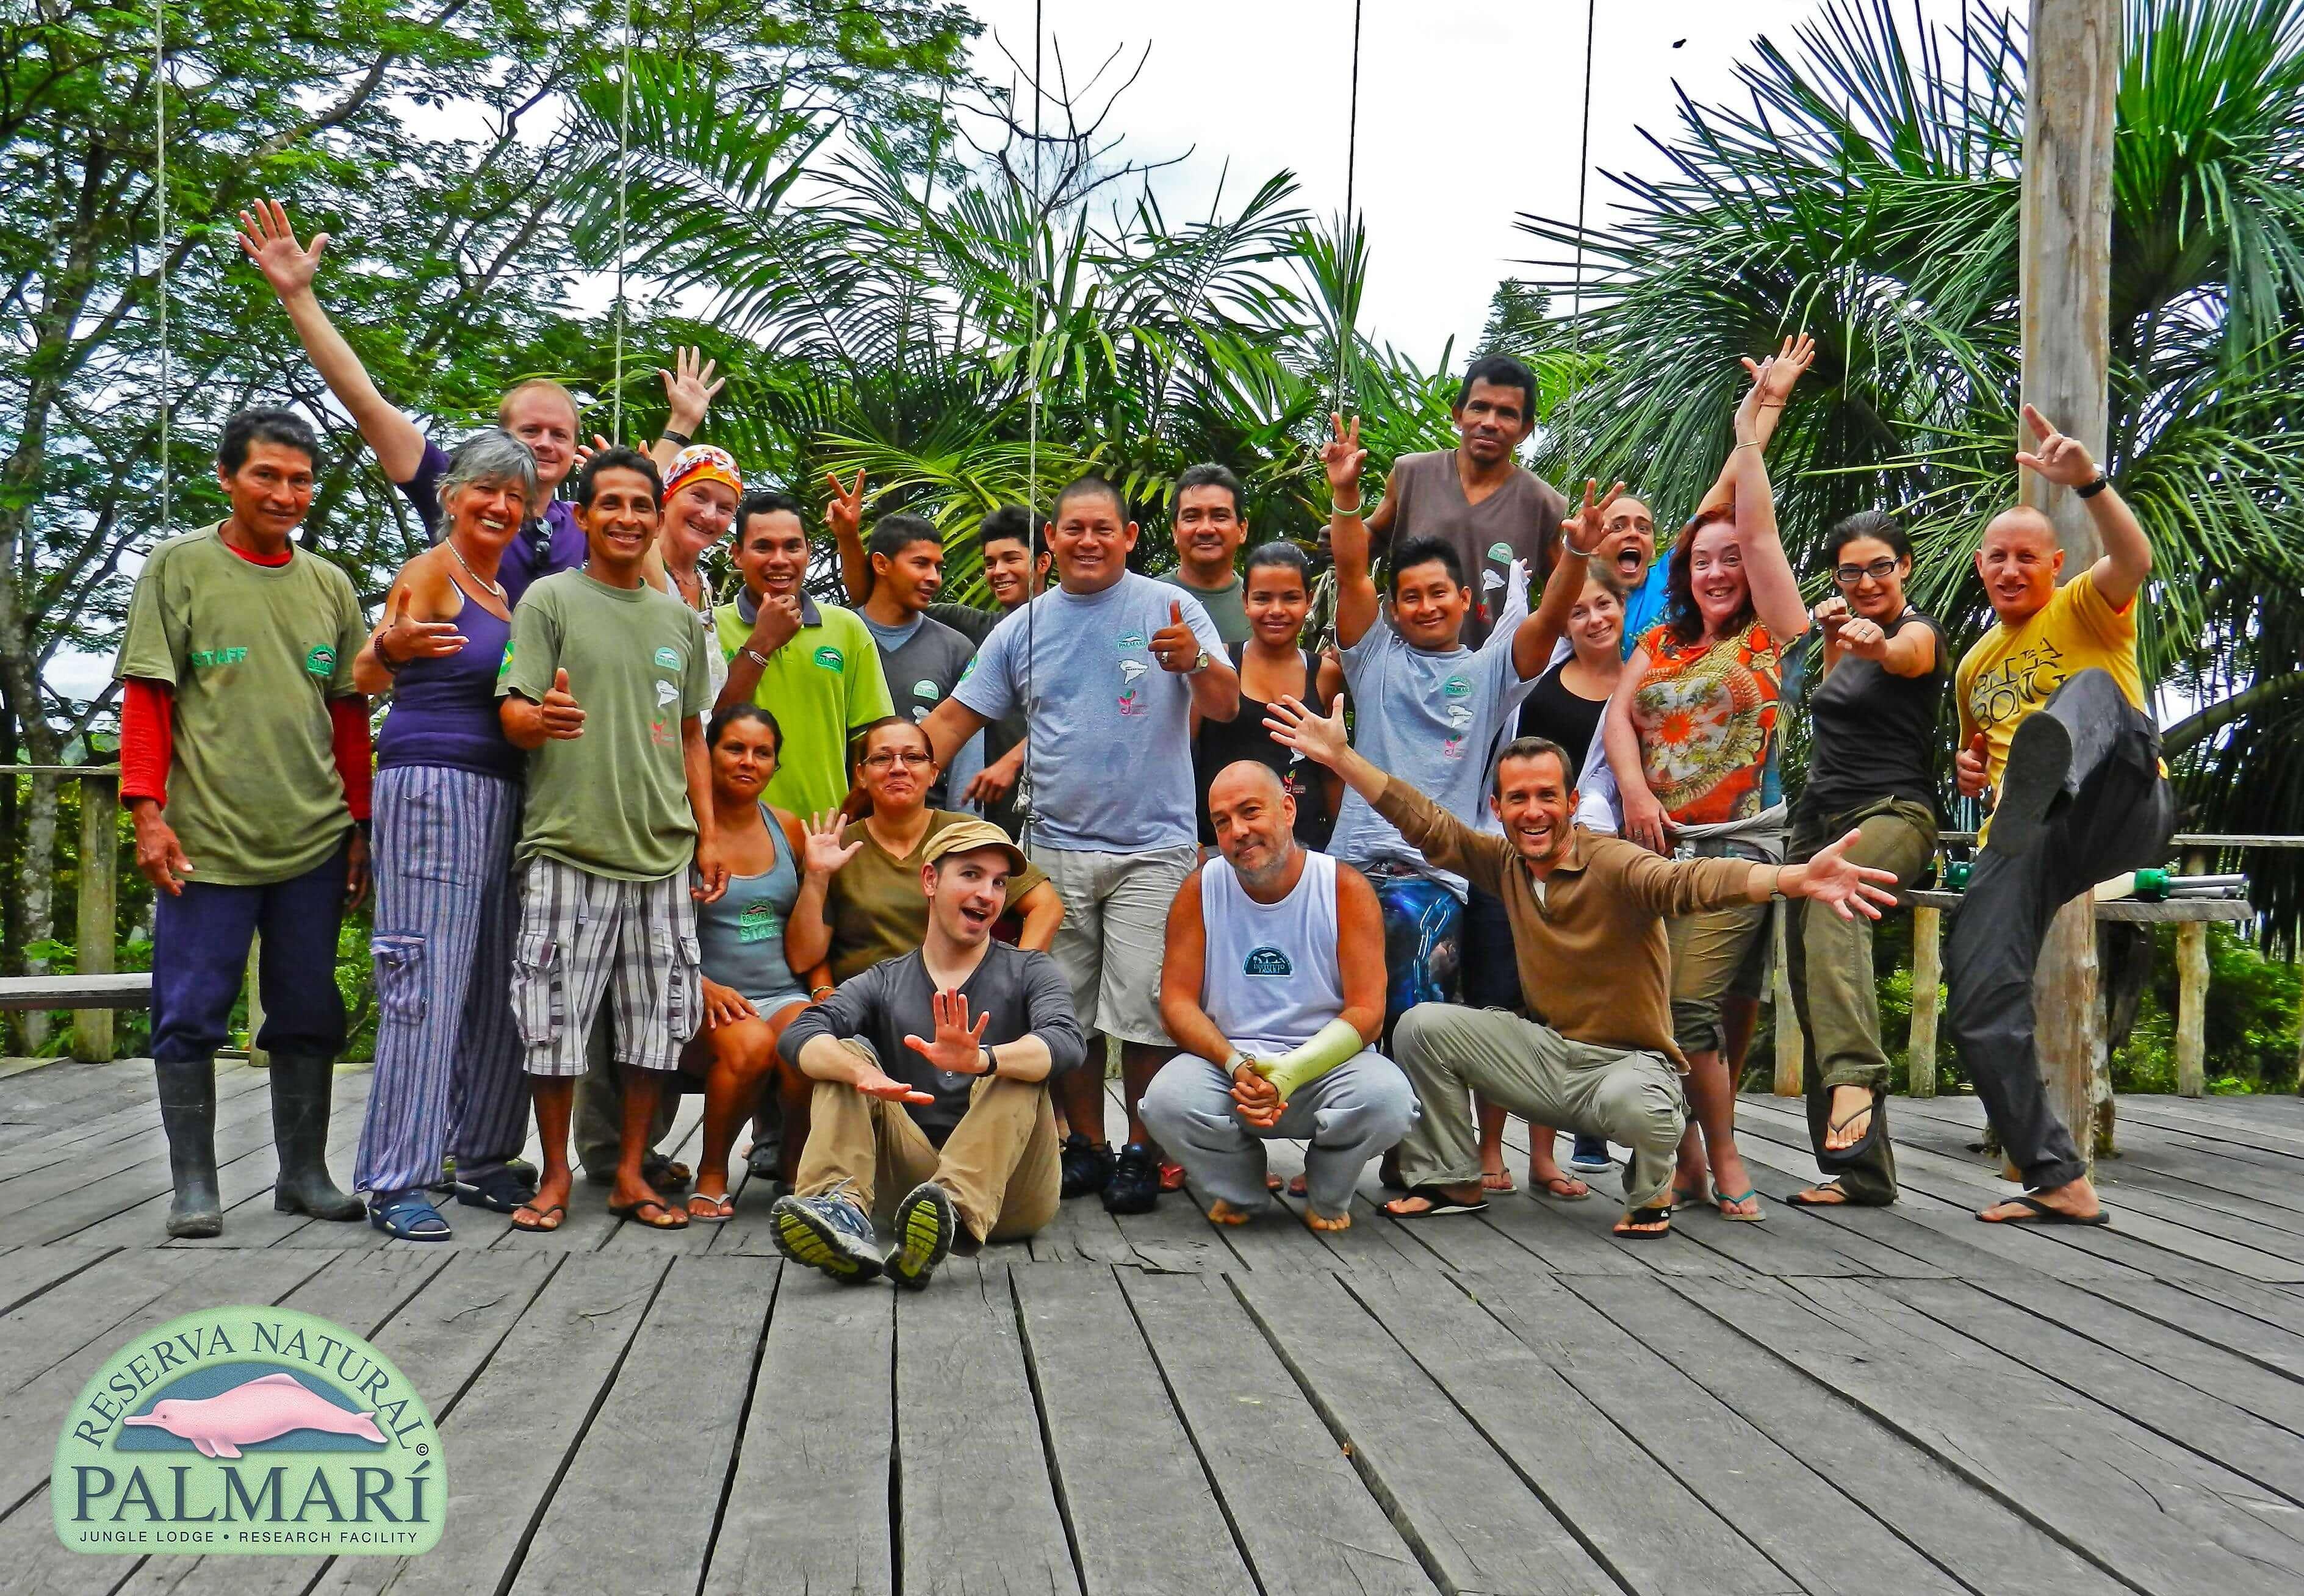 Reserva-Natural-Palmari-Visitors-55